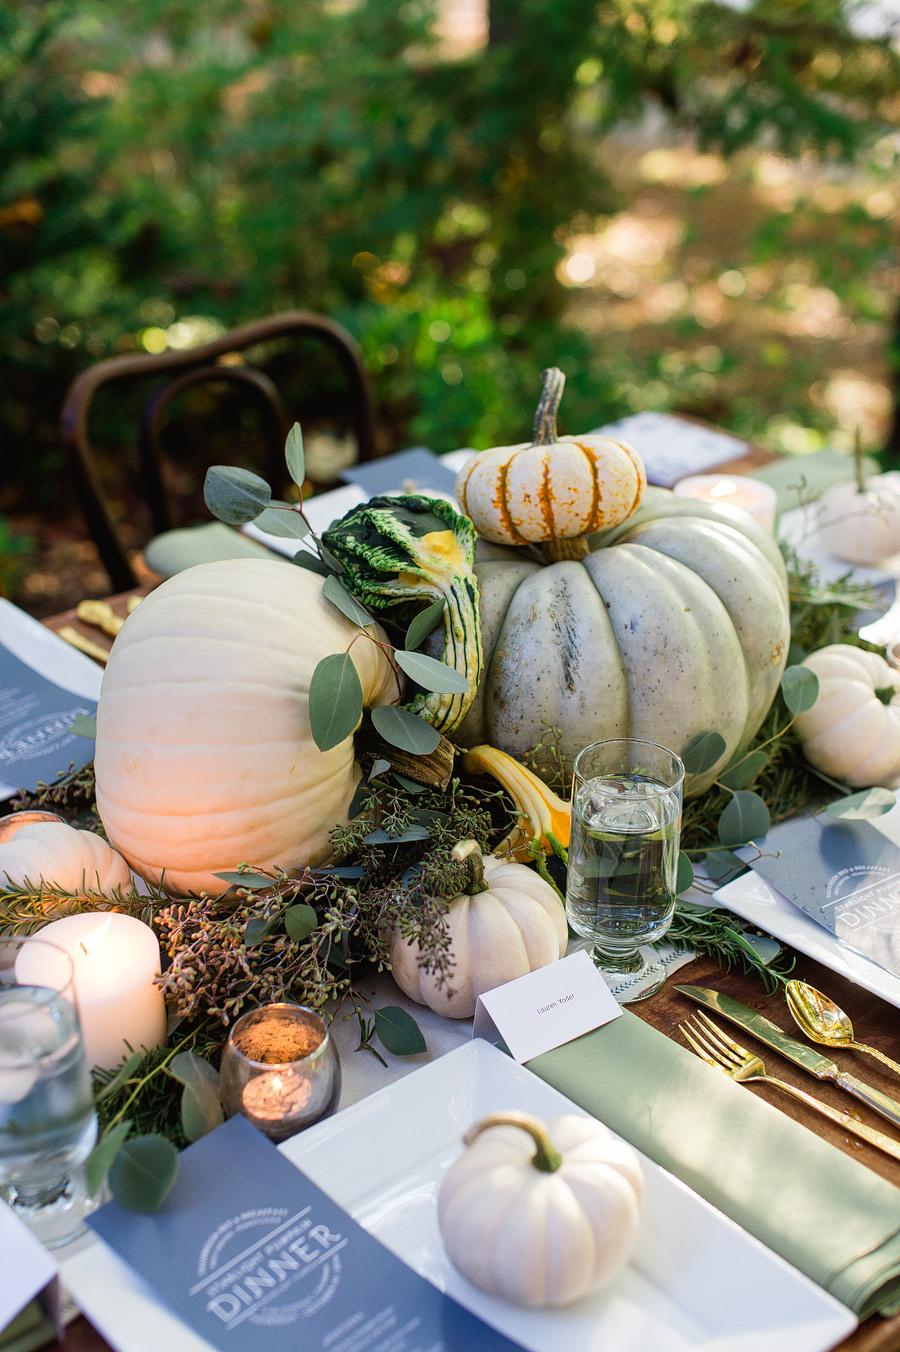 West-Chester-PA-Faunbrook-Harvest-Dinner-Series-Pumpkin-AlexandraWhitney-18.jpg